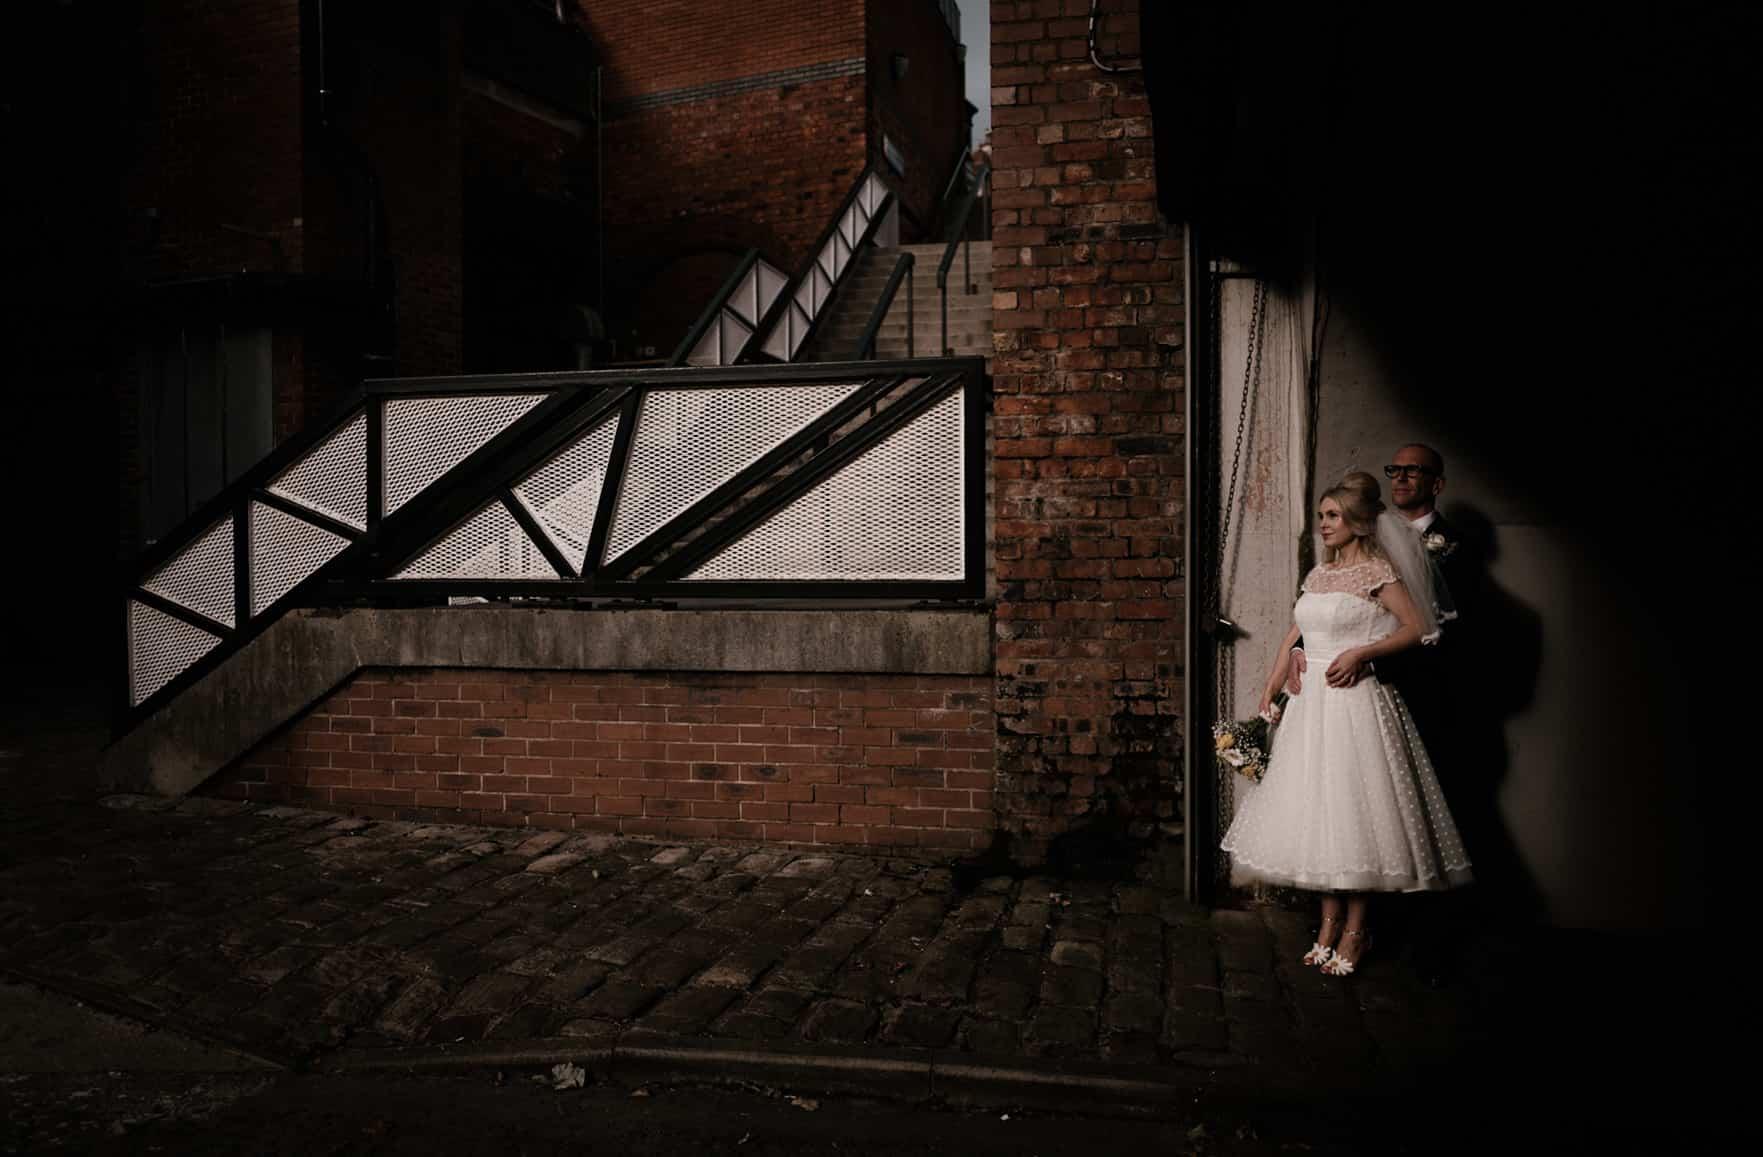 bride and groom portrait in golden light